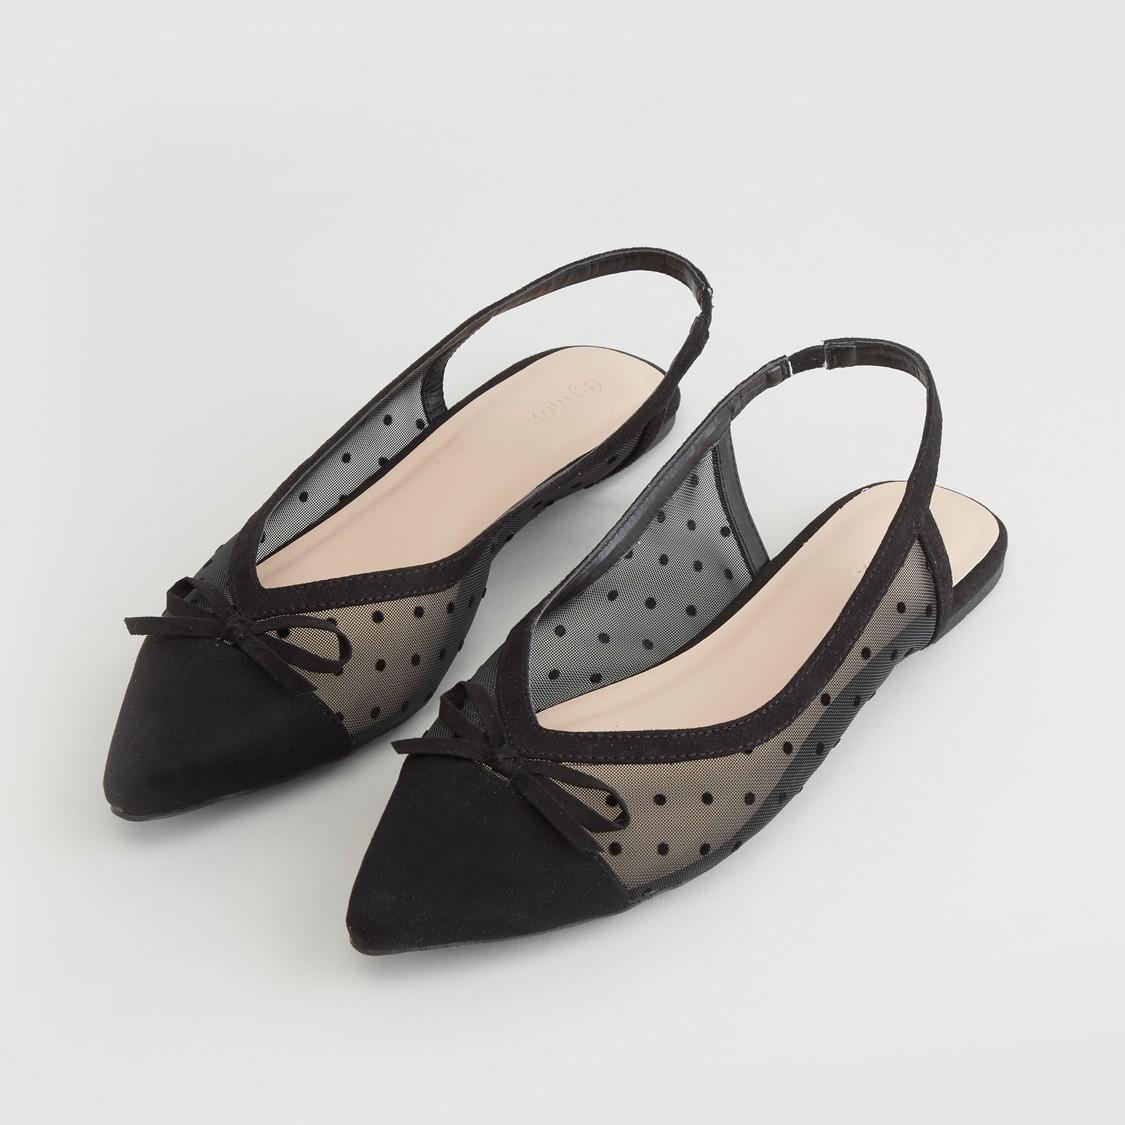 حذاء باليرينا بارز الملمس بفيونكة وحزام خلفي